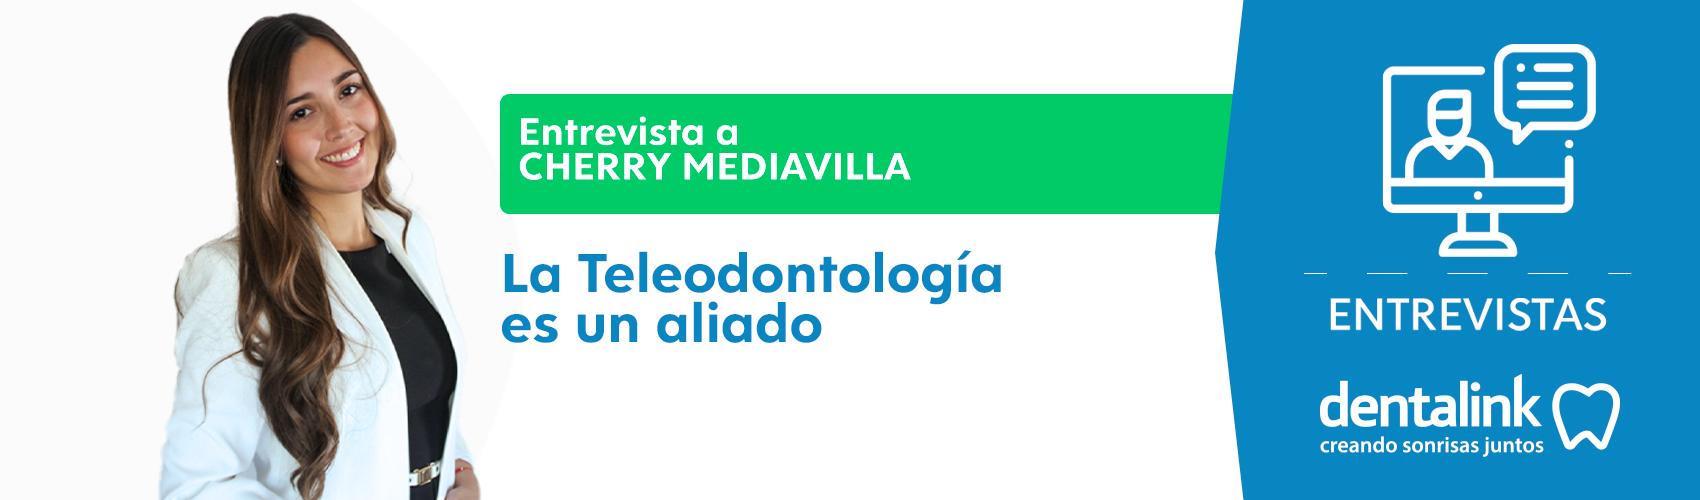 La Teleodontología es un aliado de la consulta dental - Entrevista Dra. Cherry Mediavilla